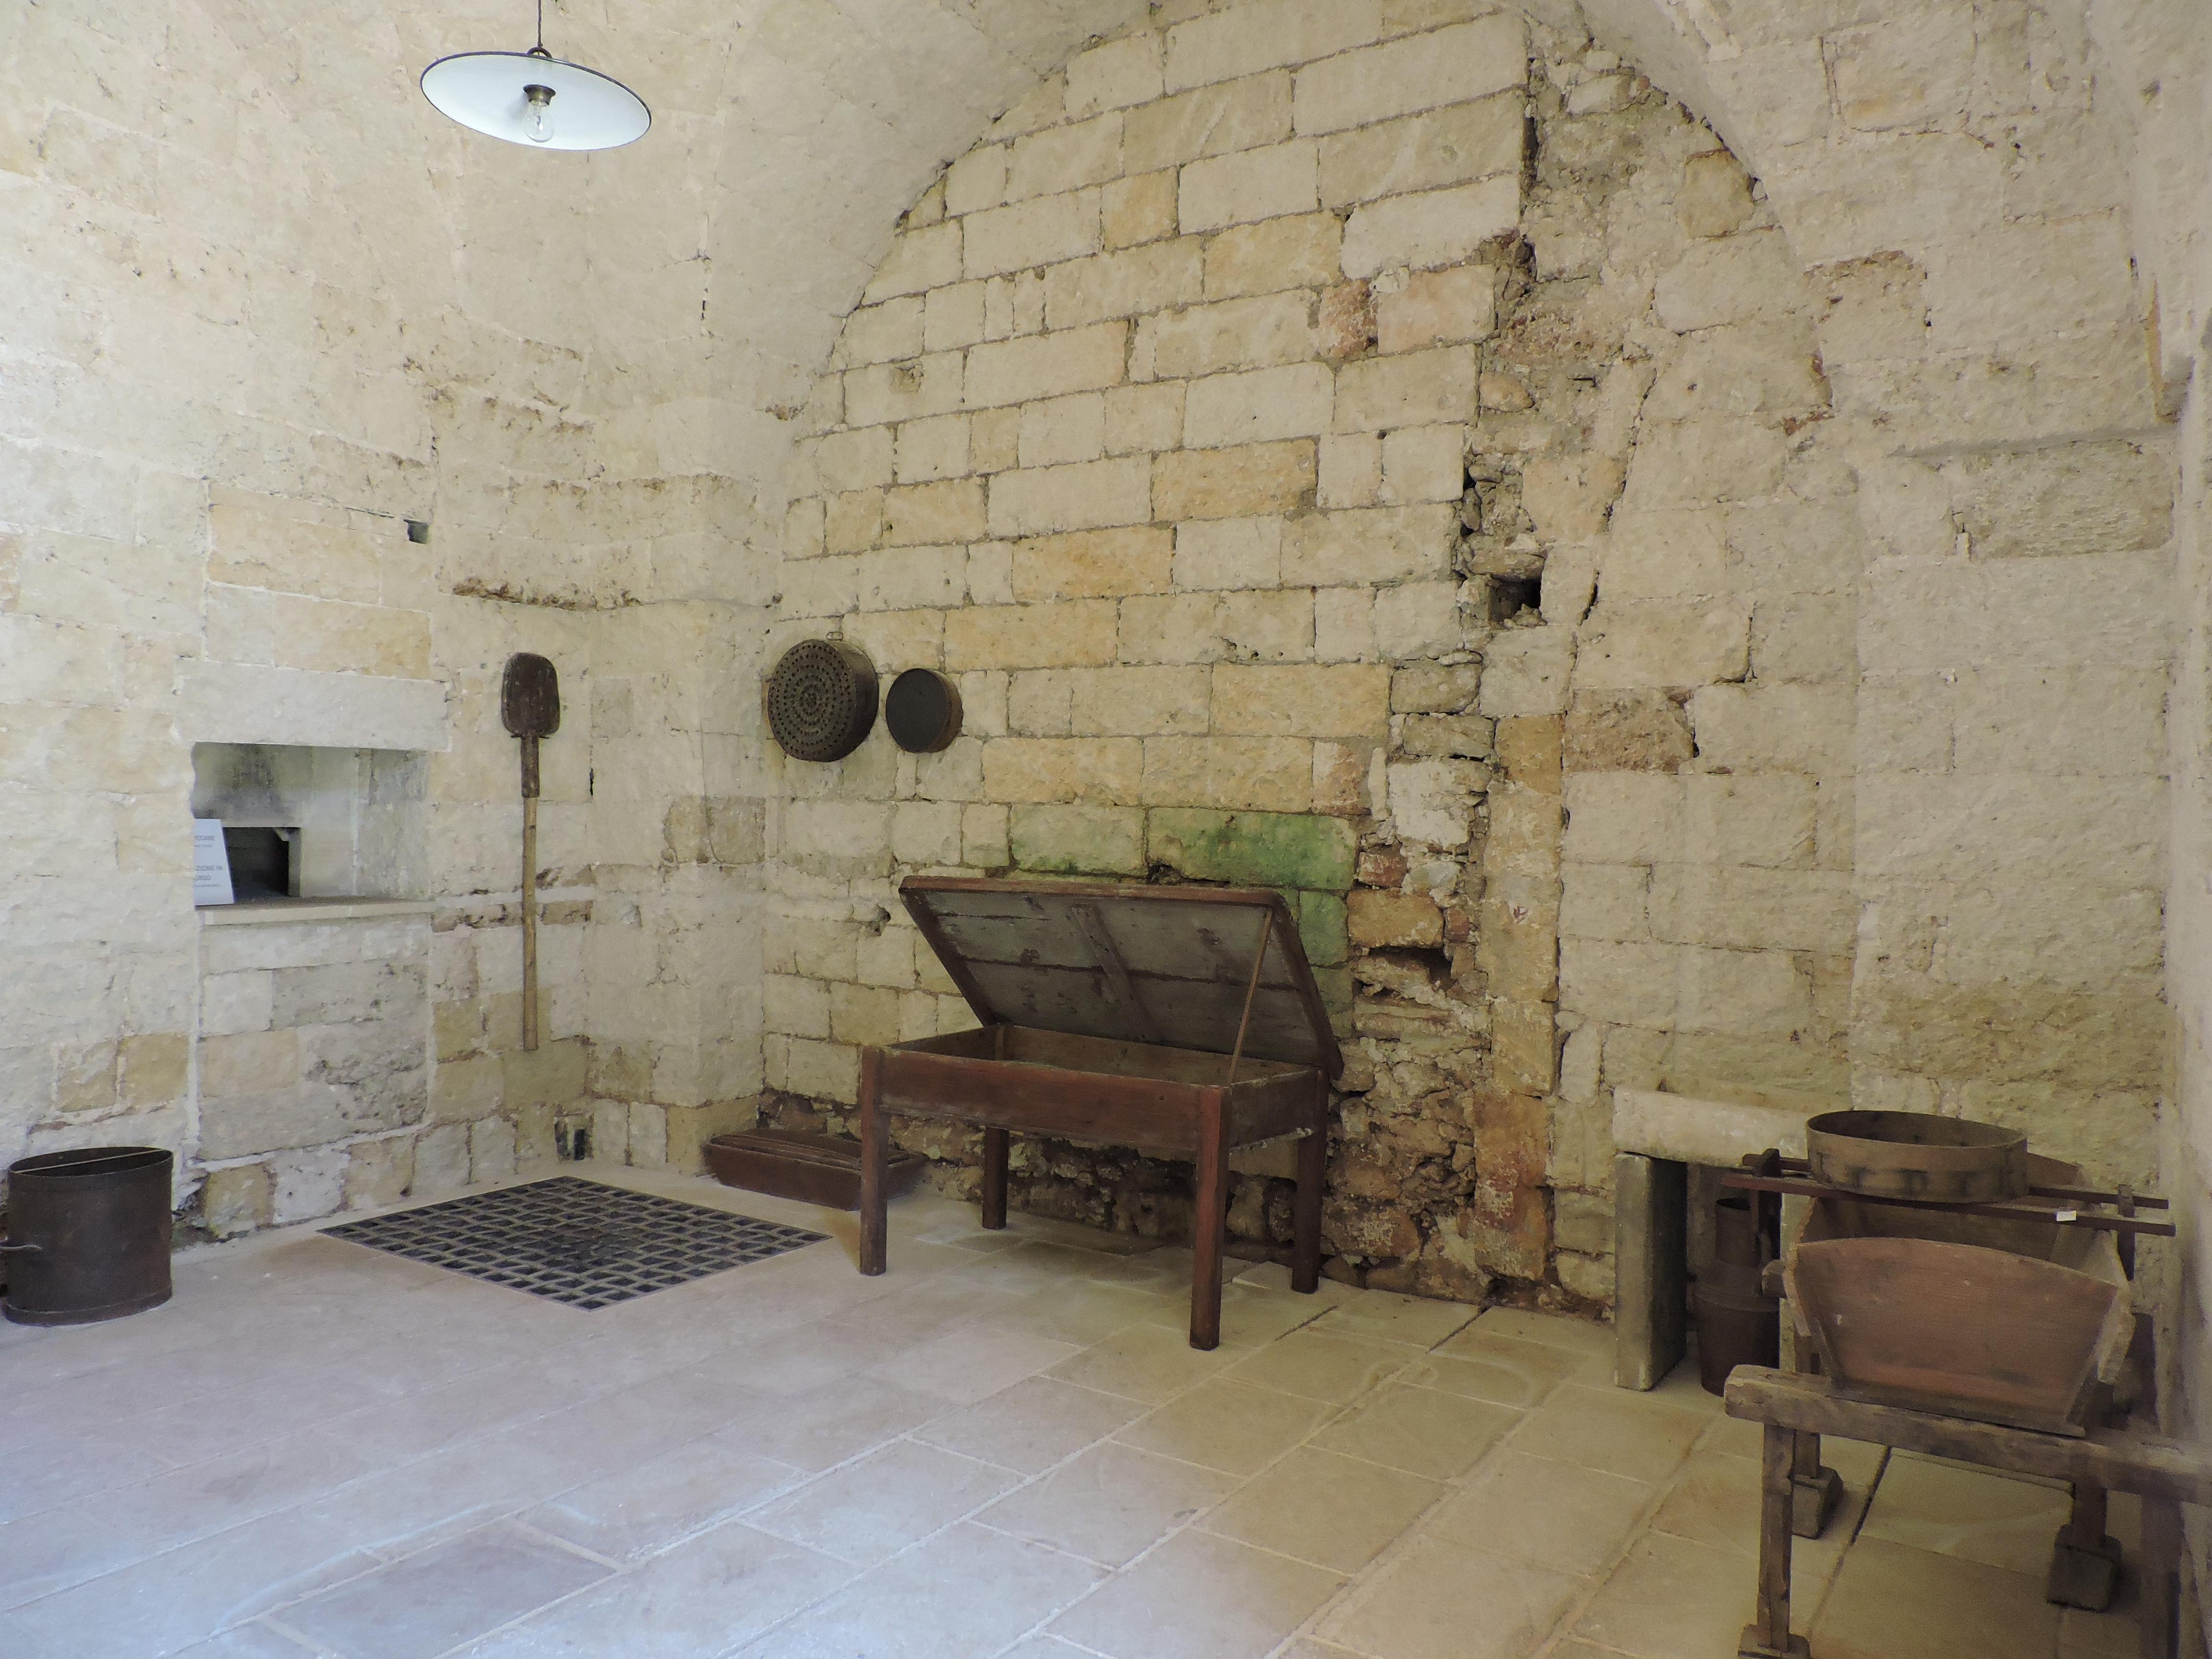 La stanza del forno nell'Abbazia di Cerrate, foto (c)Sara Venturiero